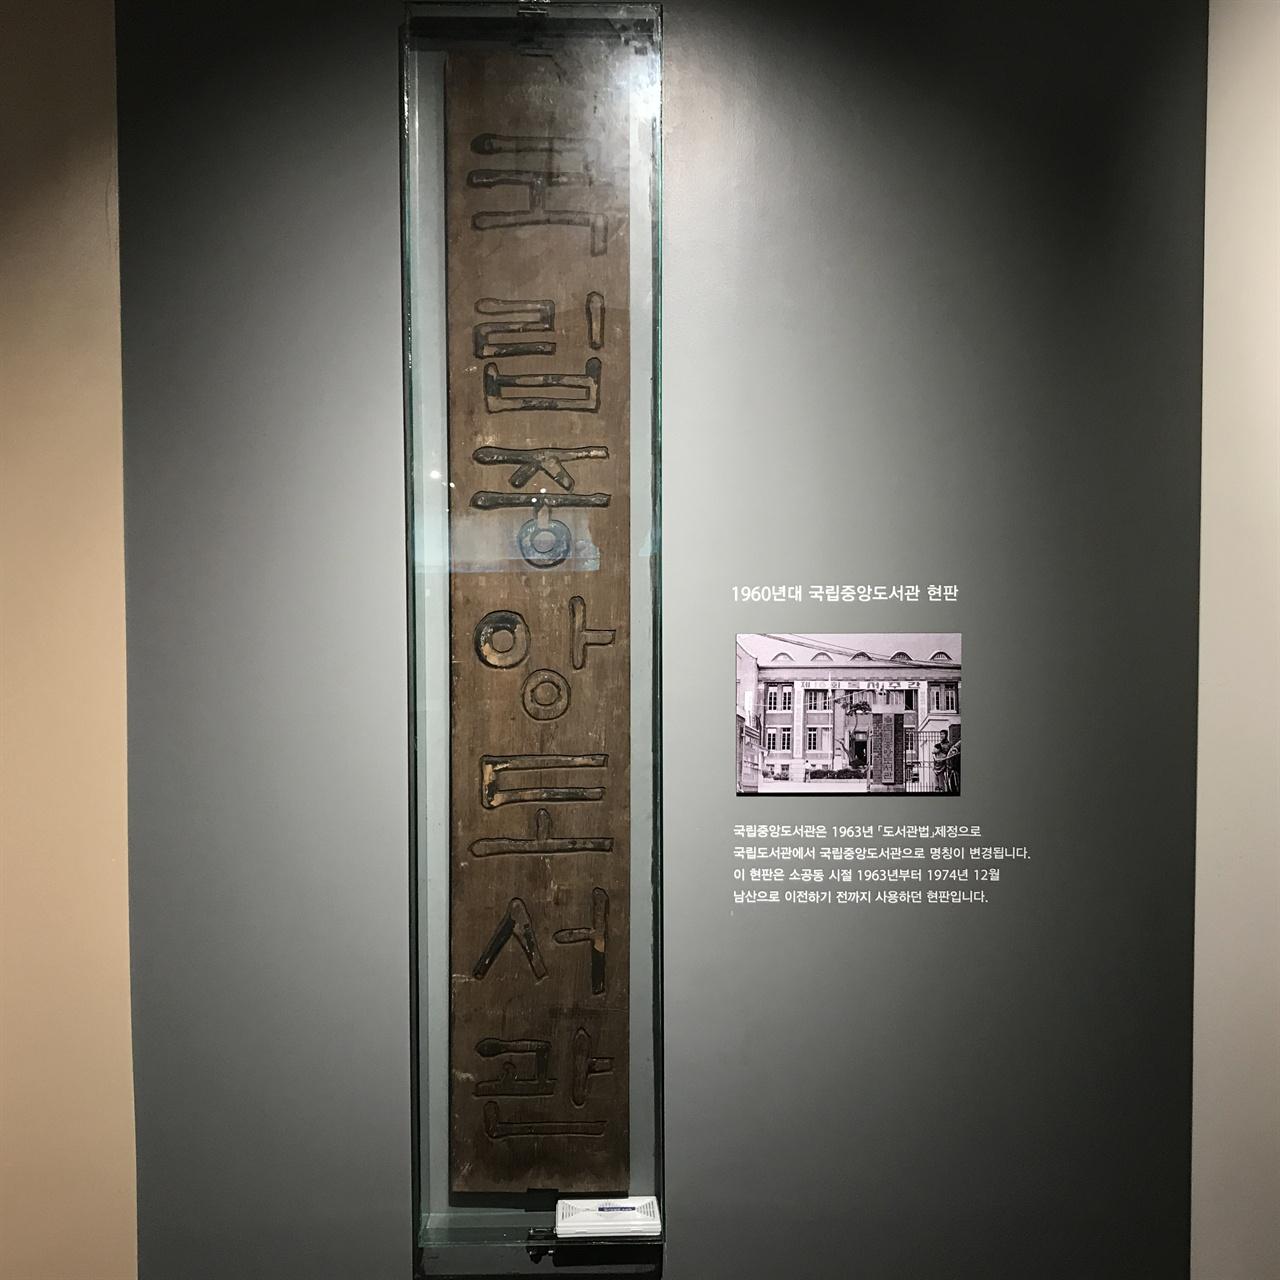 국립중앙도서관 현판 국립도서관은 1963년 <도서관법> 공포에 따라 '국립중앙도서관'으로 이름을 바꿨다. 이 현판은 1963년부터 1974년까지 소공동 시절에 도서관 입구에 걸려 있었다. 현재 국립중앙도서관 2층 문화마루에 보존 전시중이다.